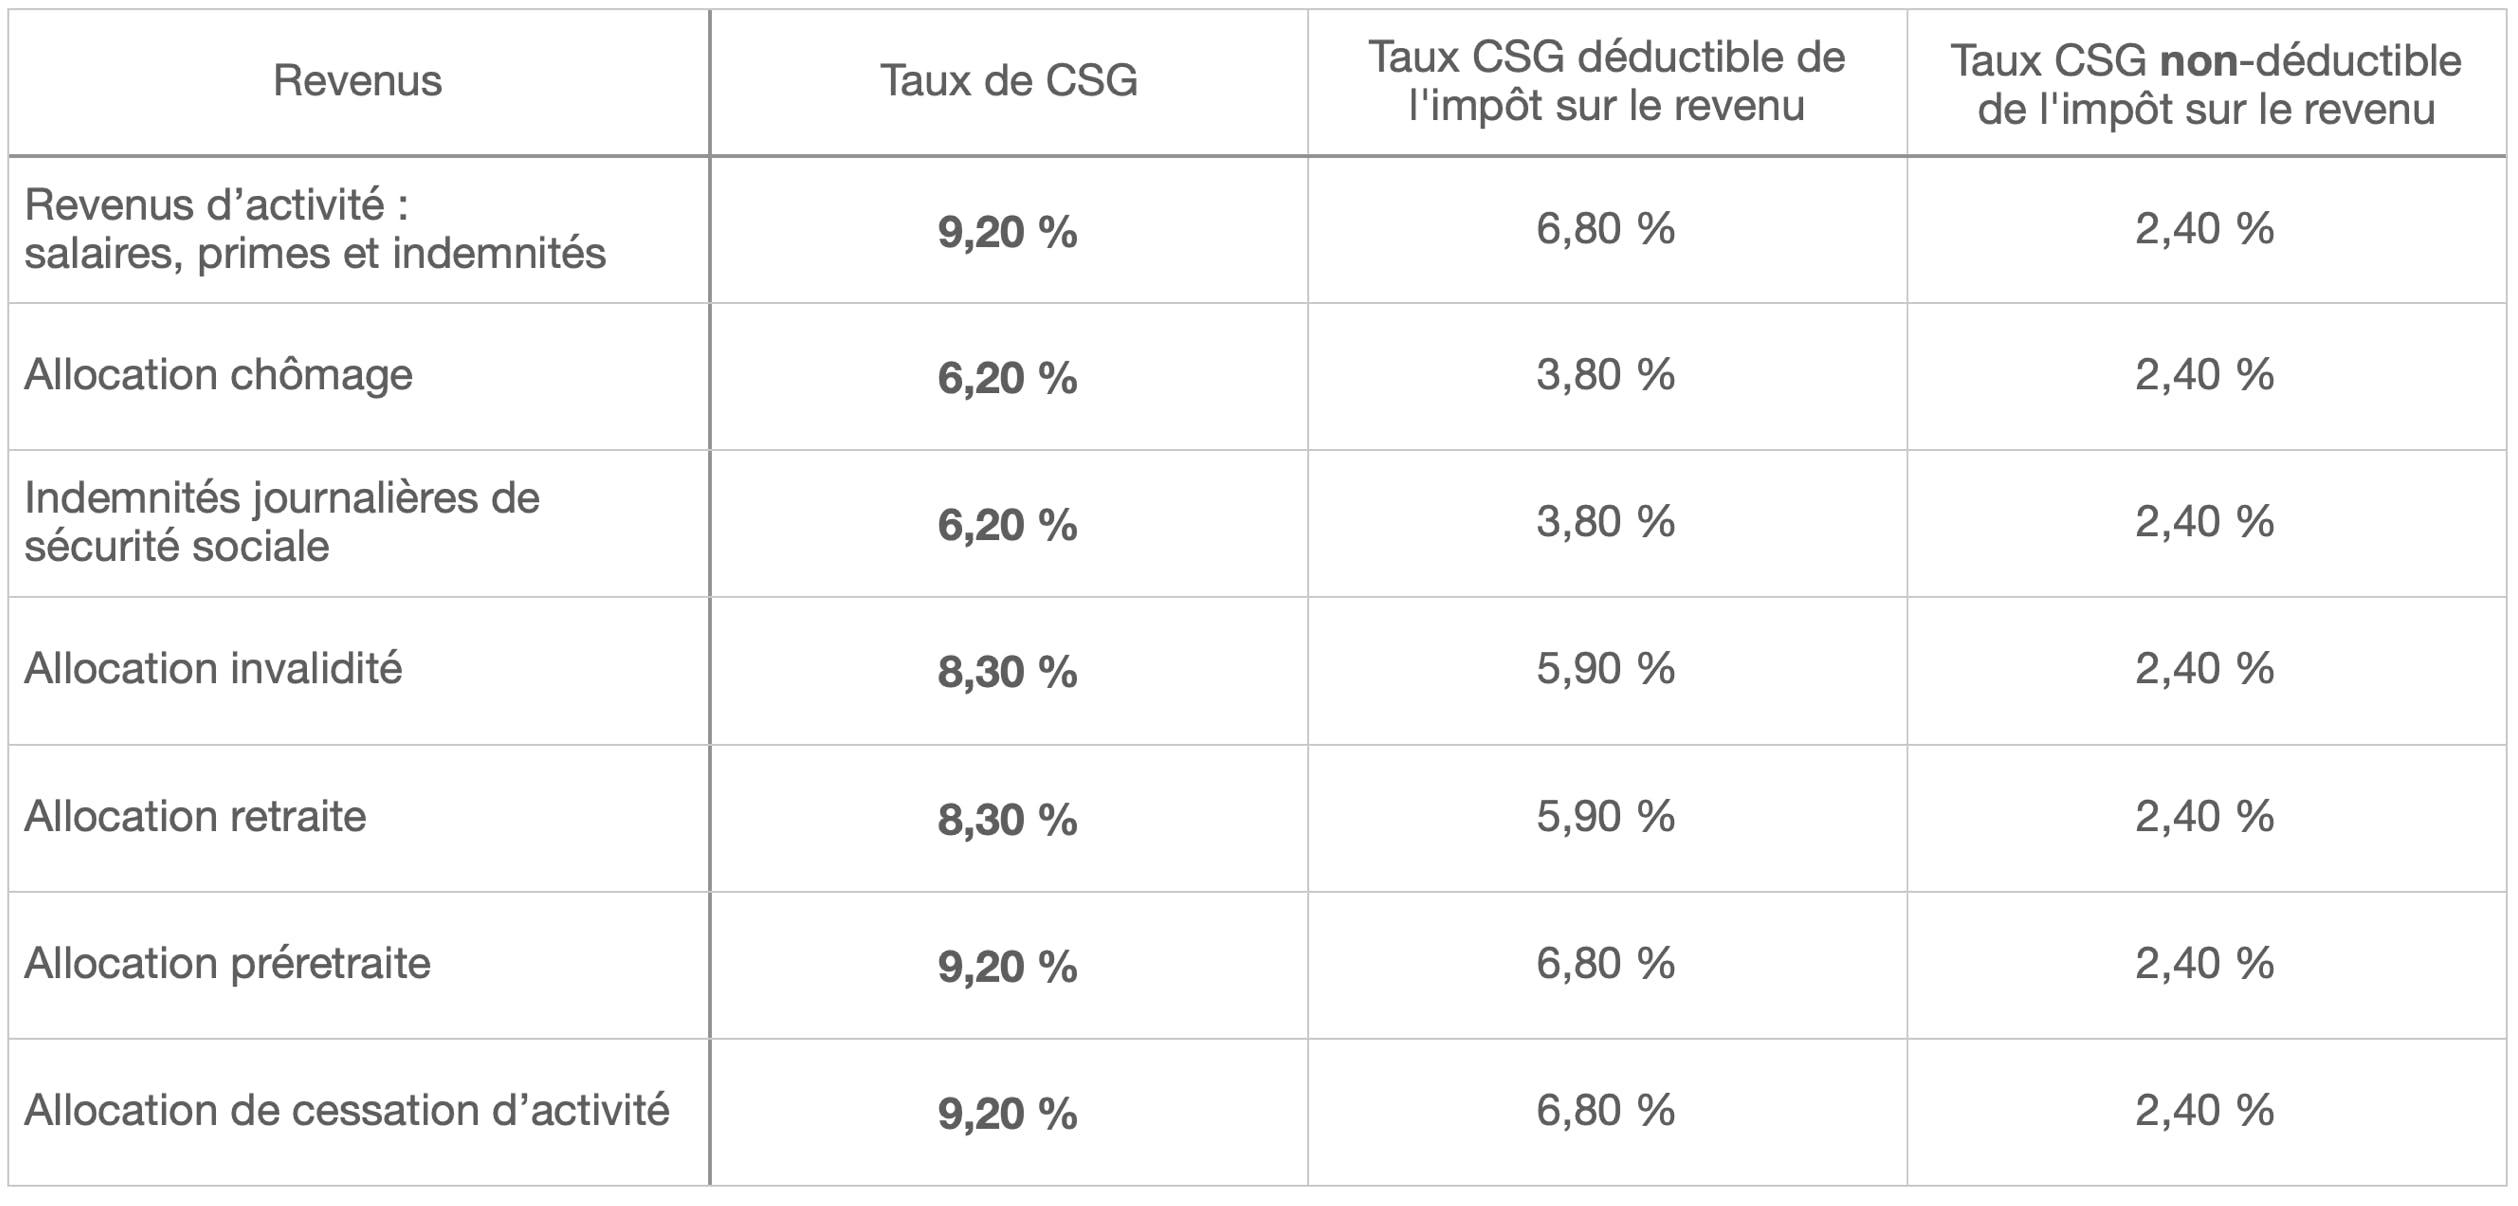 Résumé des taux de la CSG